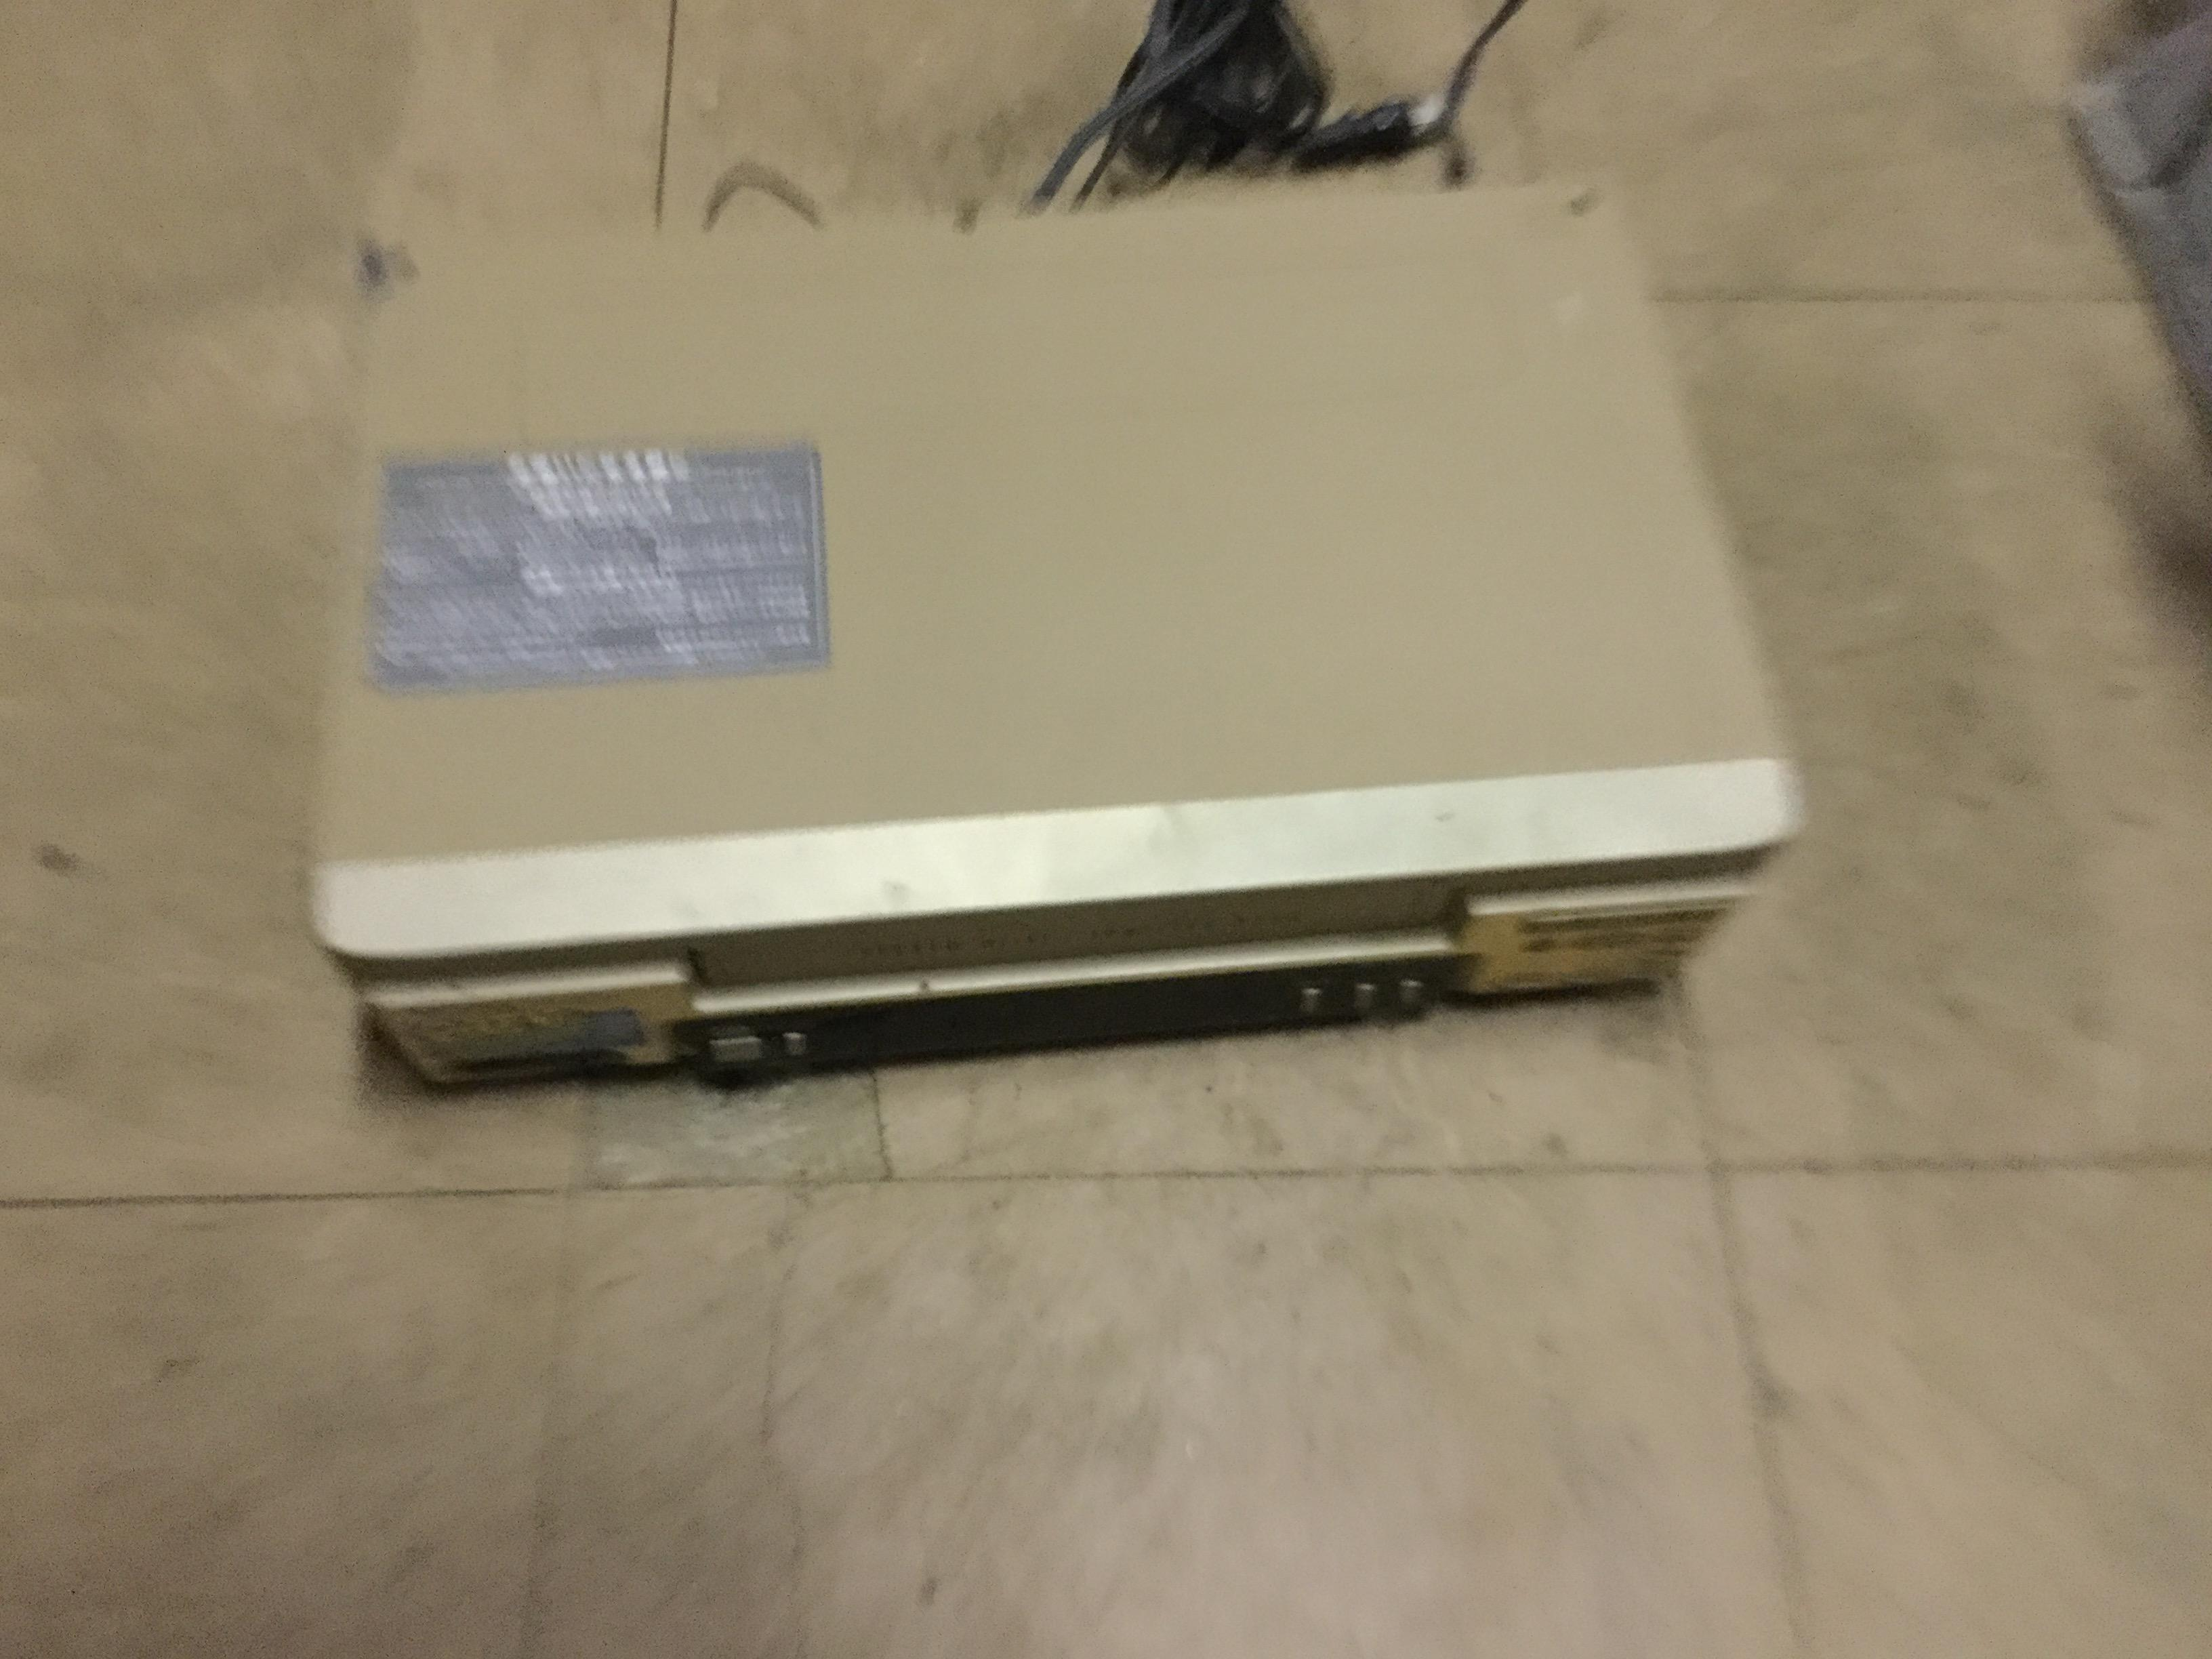 岡山市北区で不用品回収したビデオデッキ